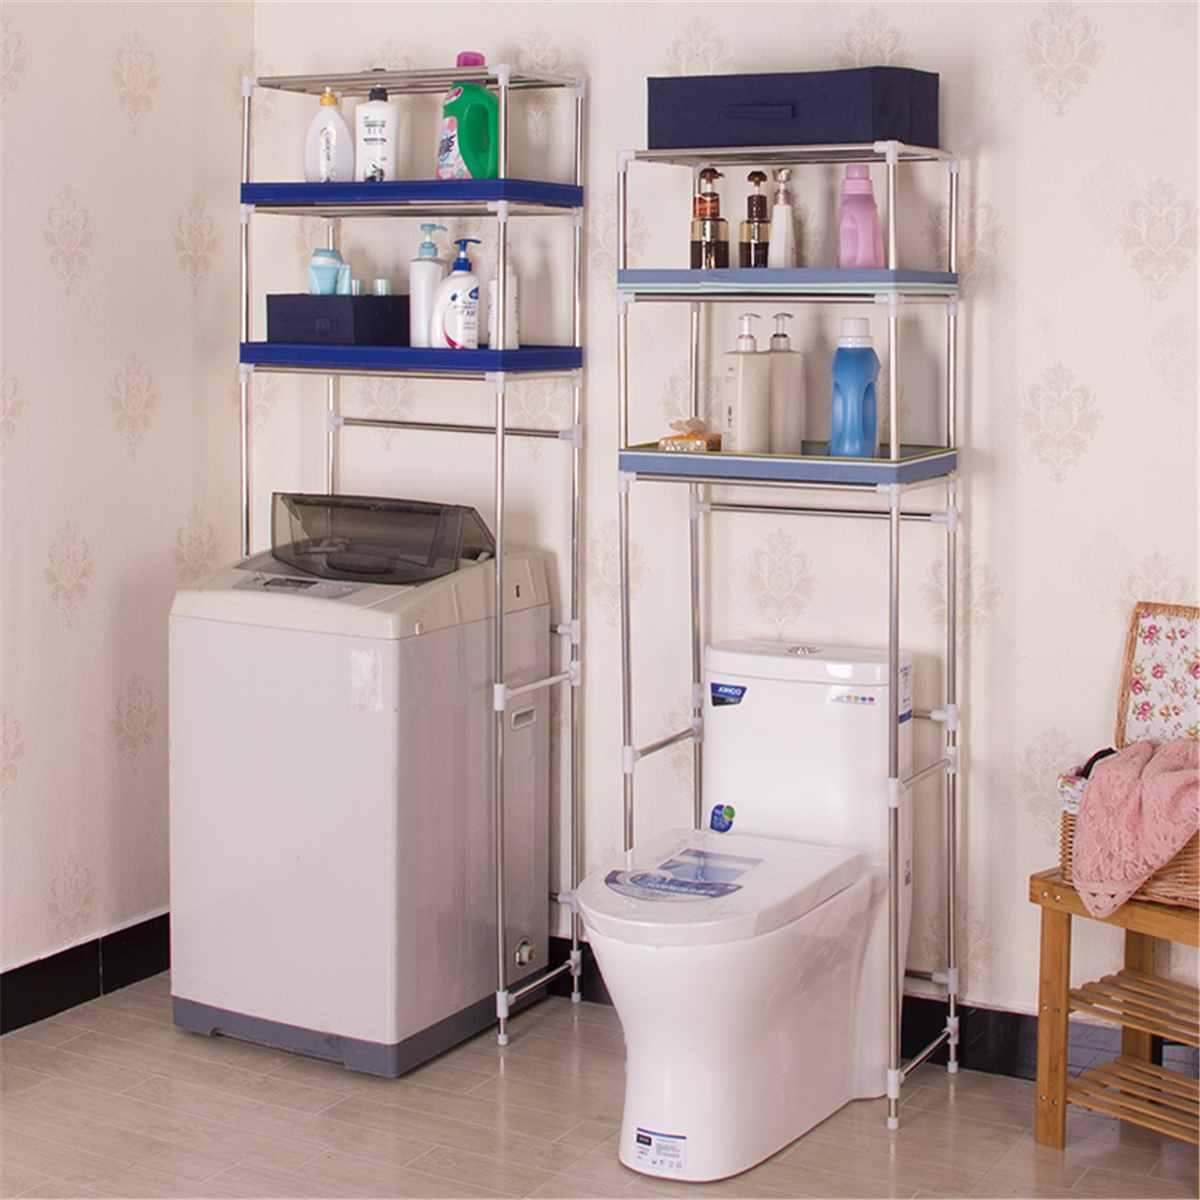 Acier inoxydable salle de bain stockage plancher support étagère sol toilette lave-linge toilette stockage Rack étagère créative étagère